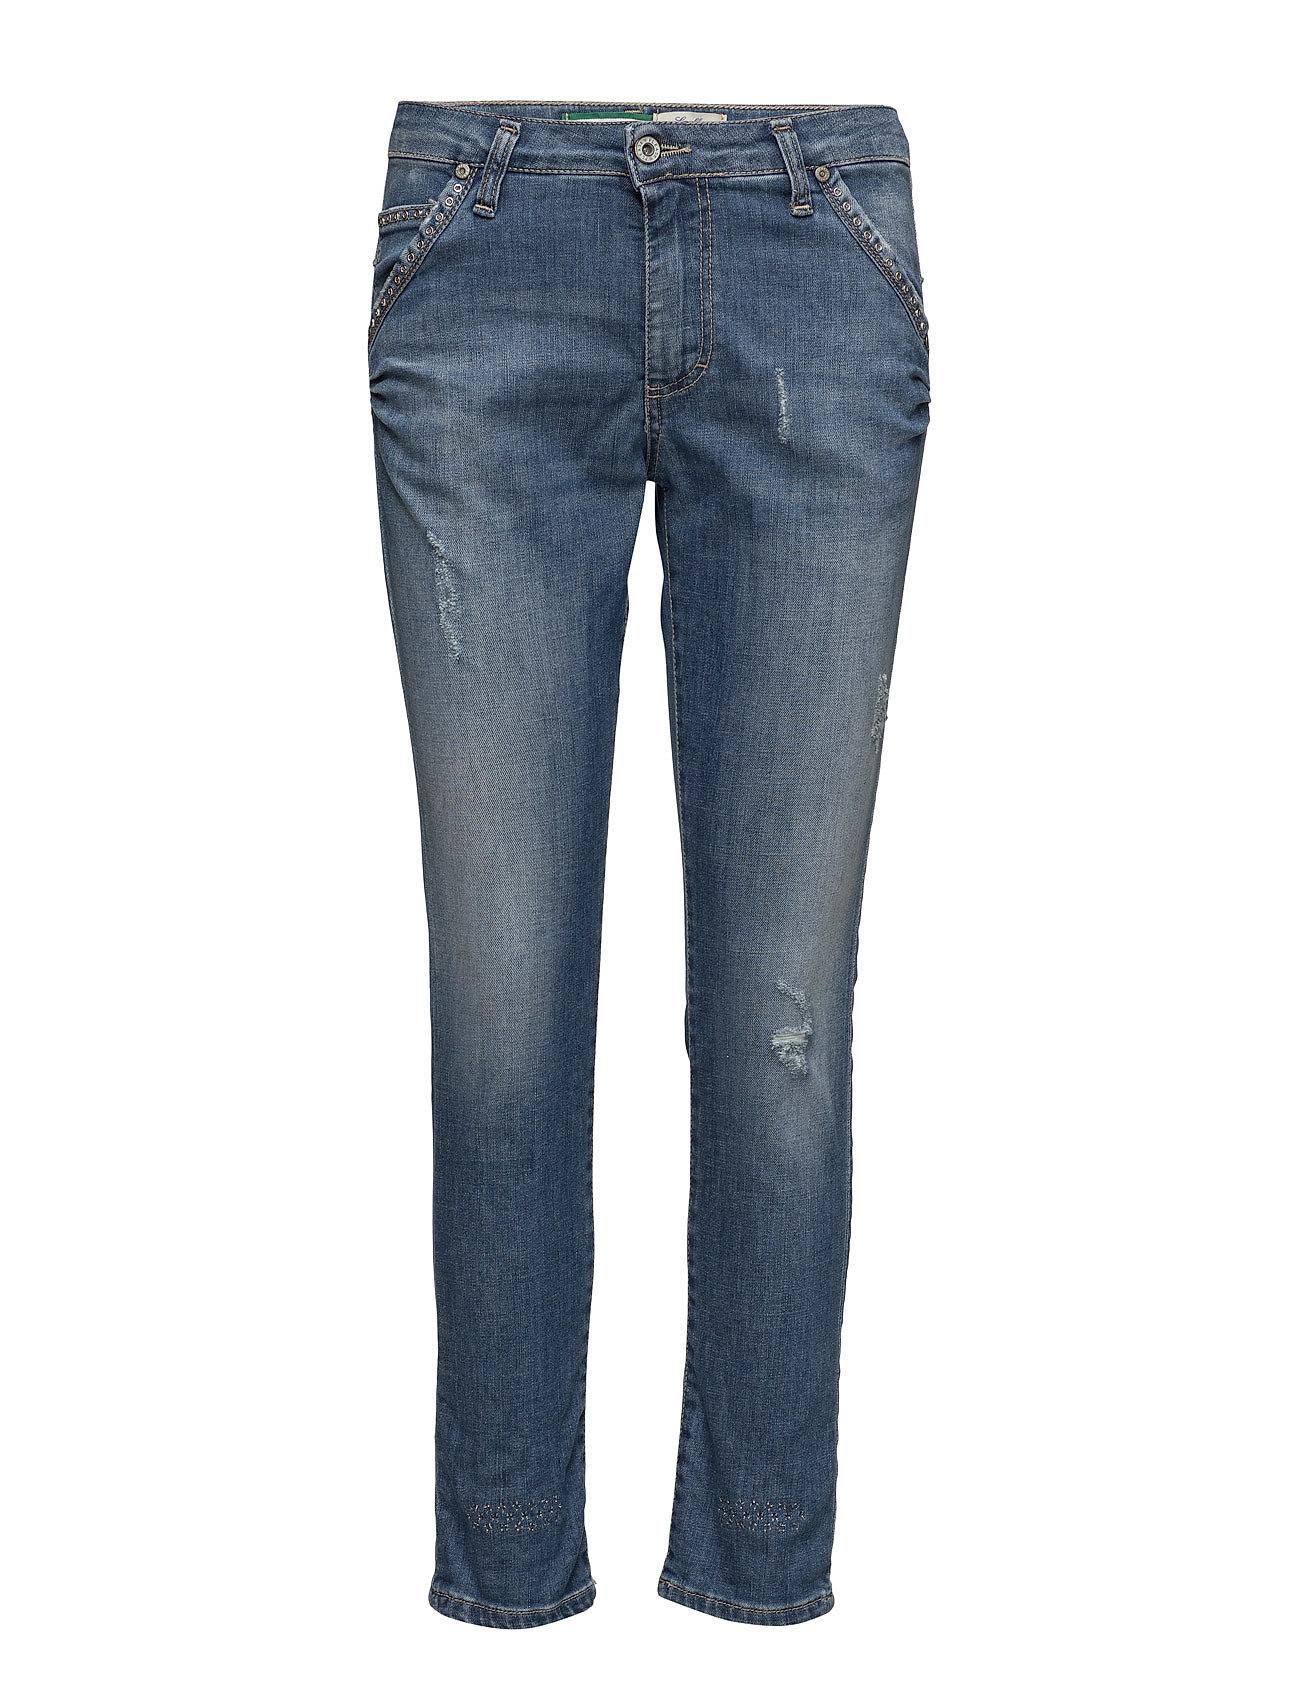 Please Jeans Fancy Denim Studs (Blue), 437.25